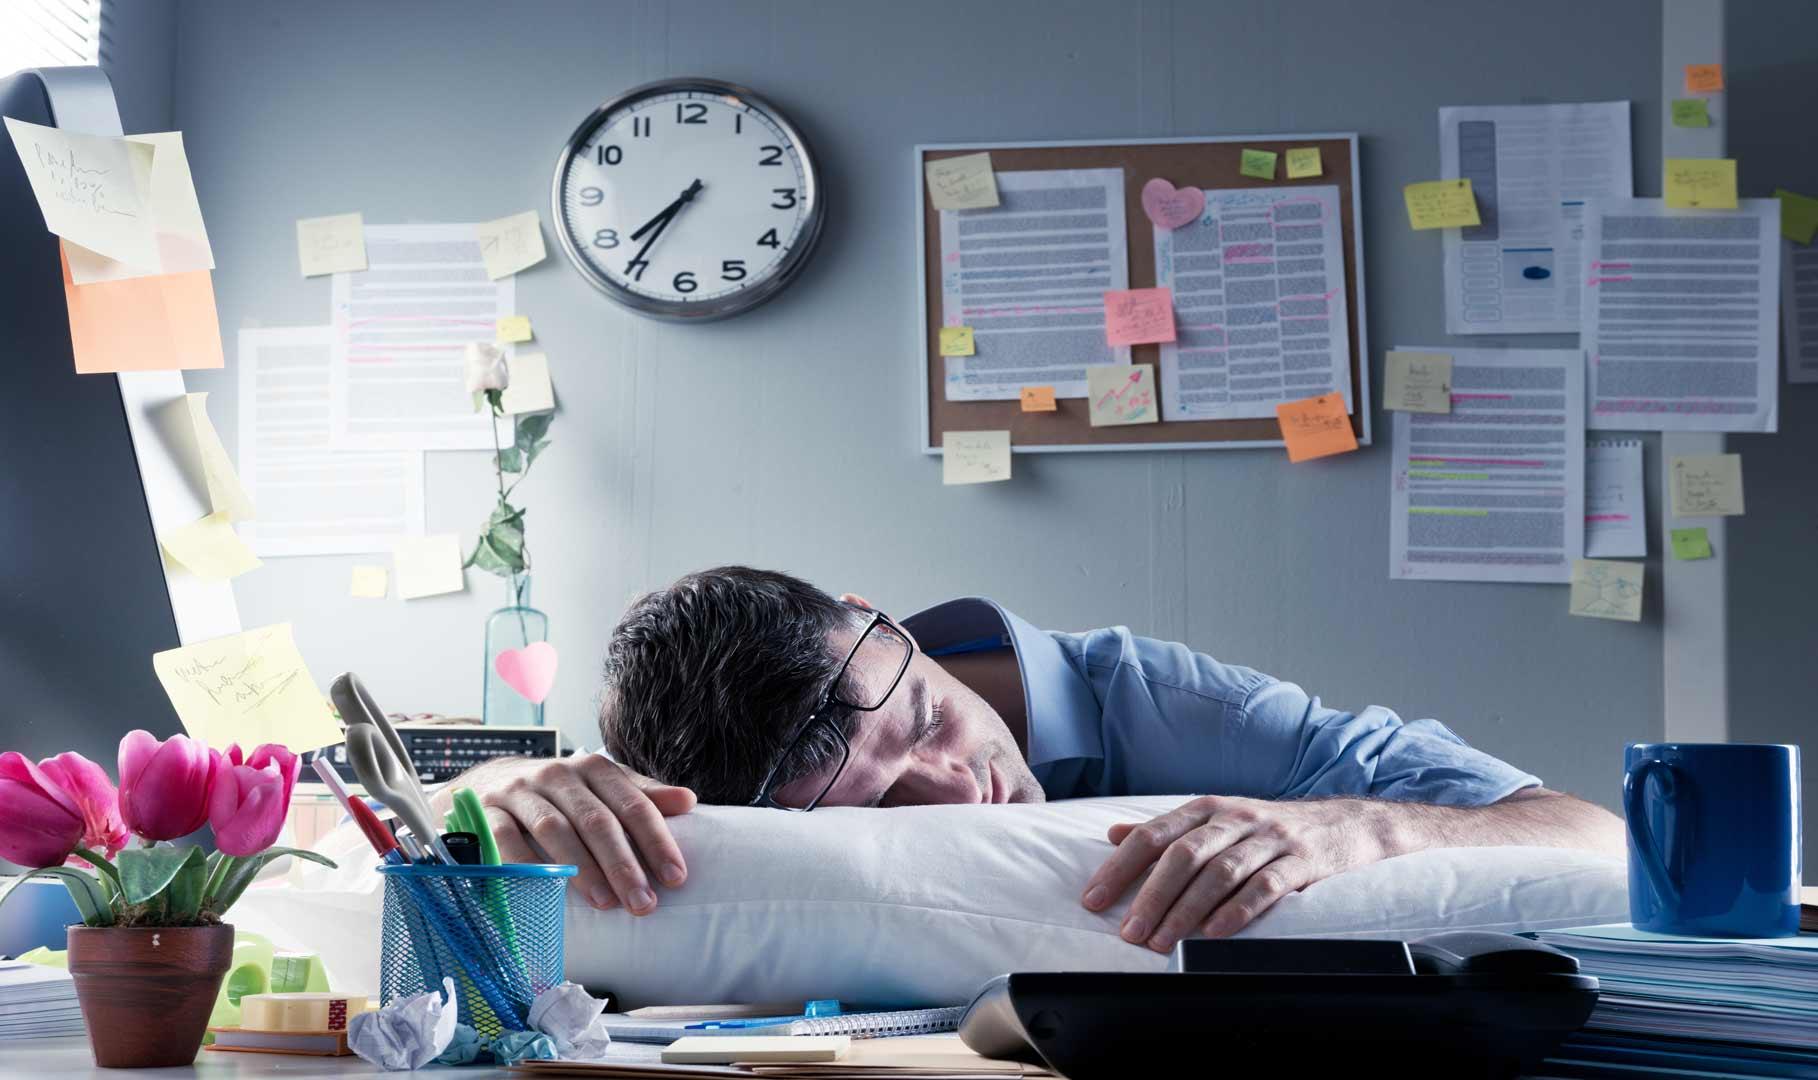 Сон на работе в картинках